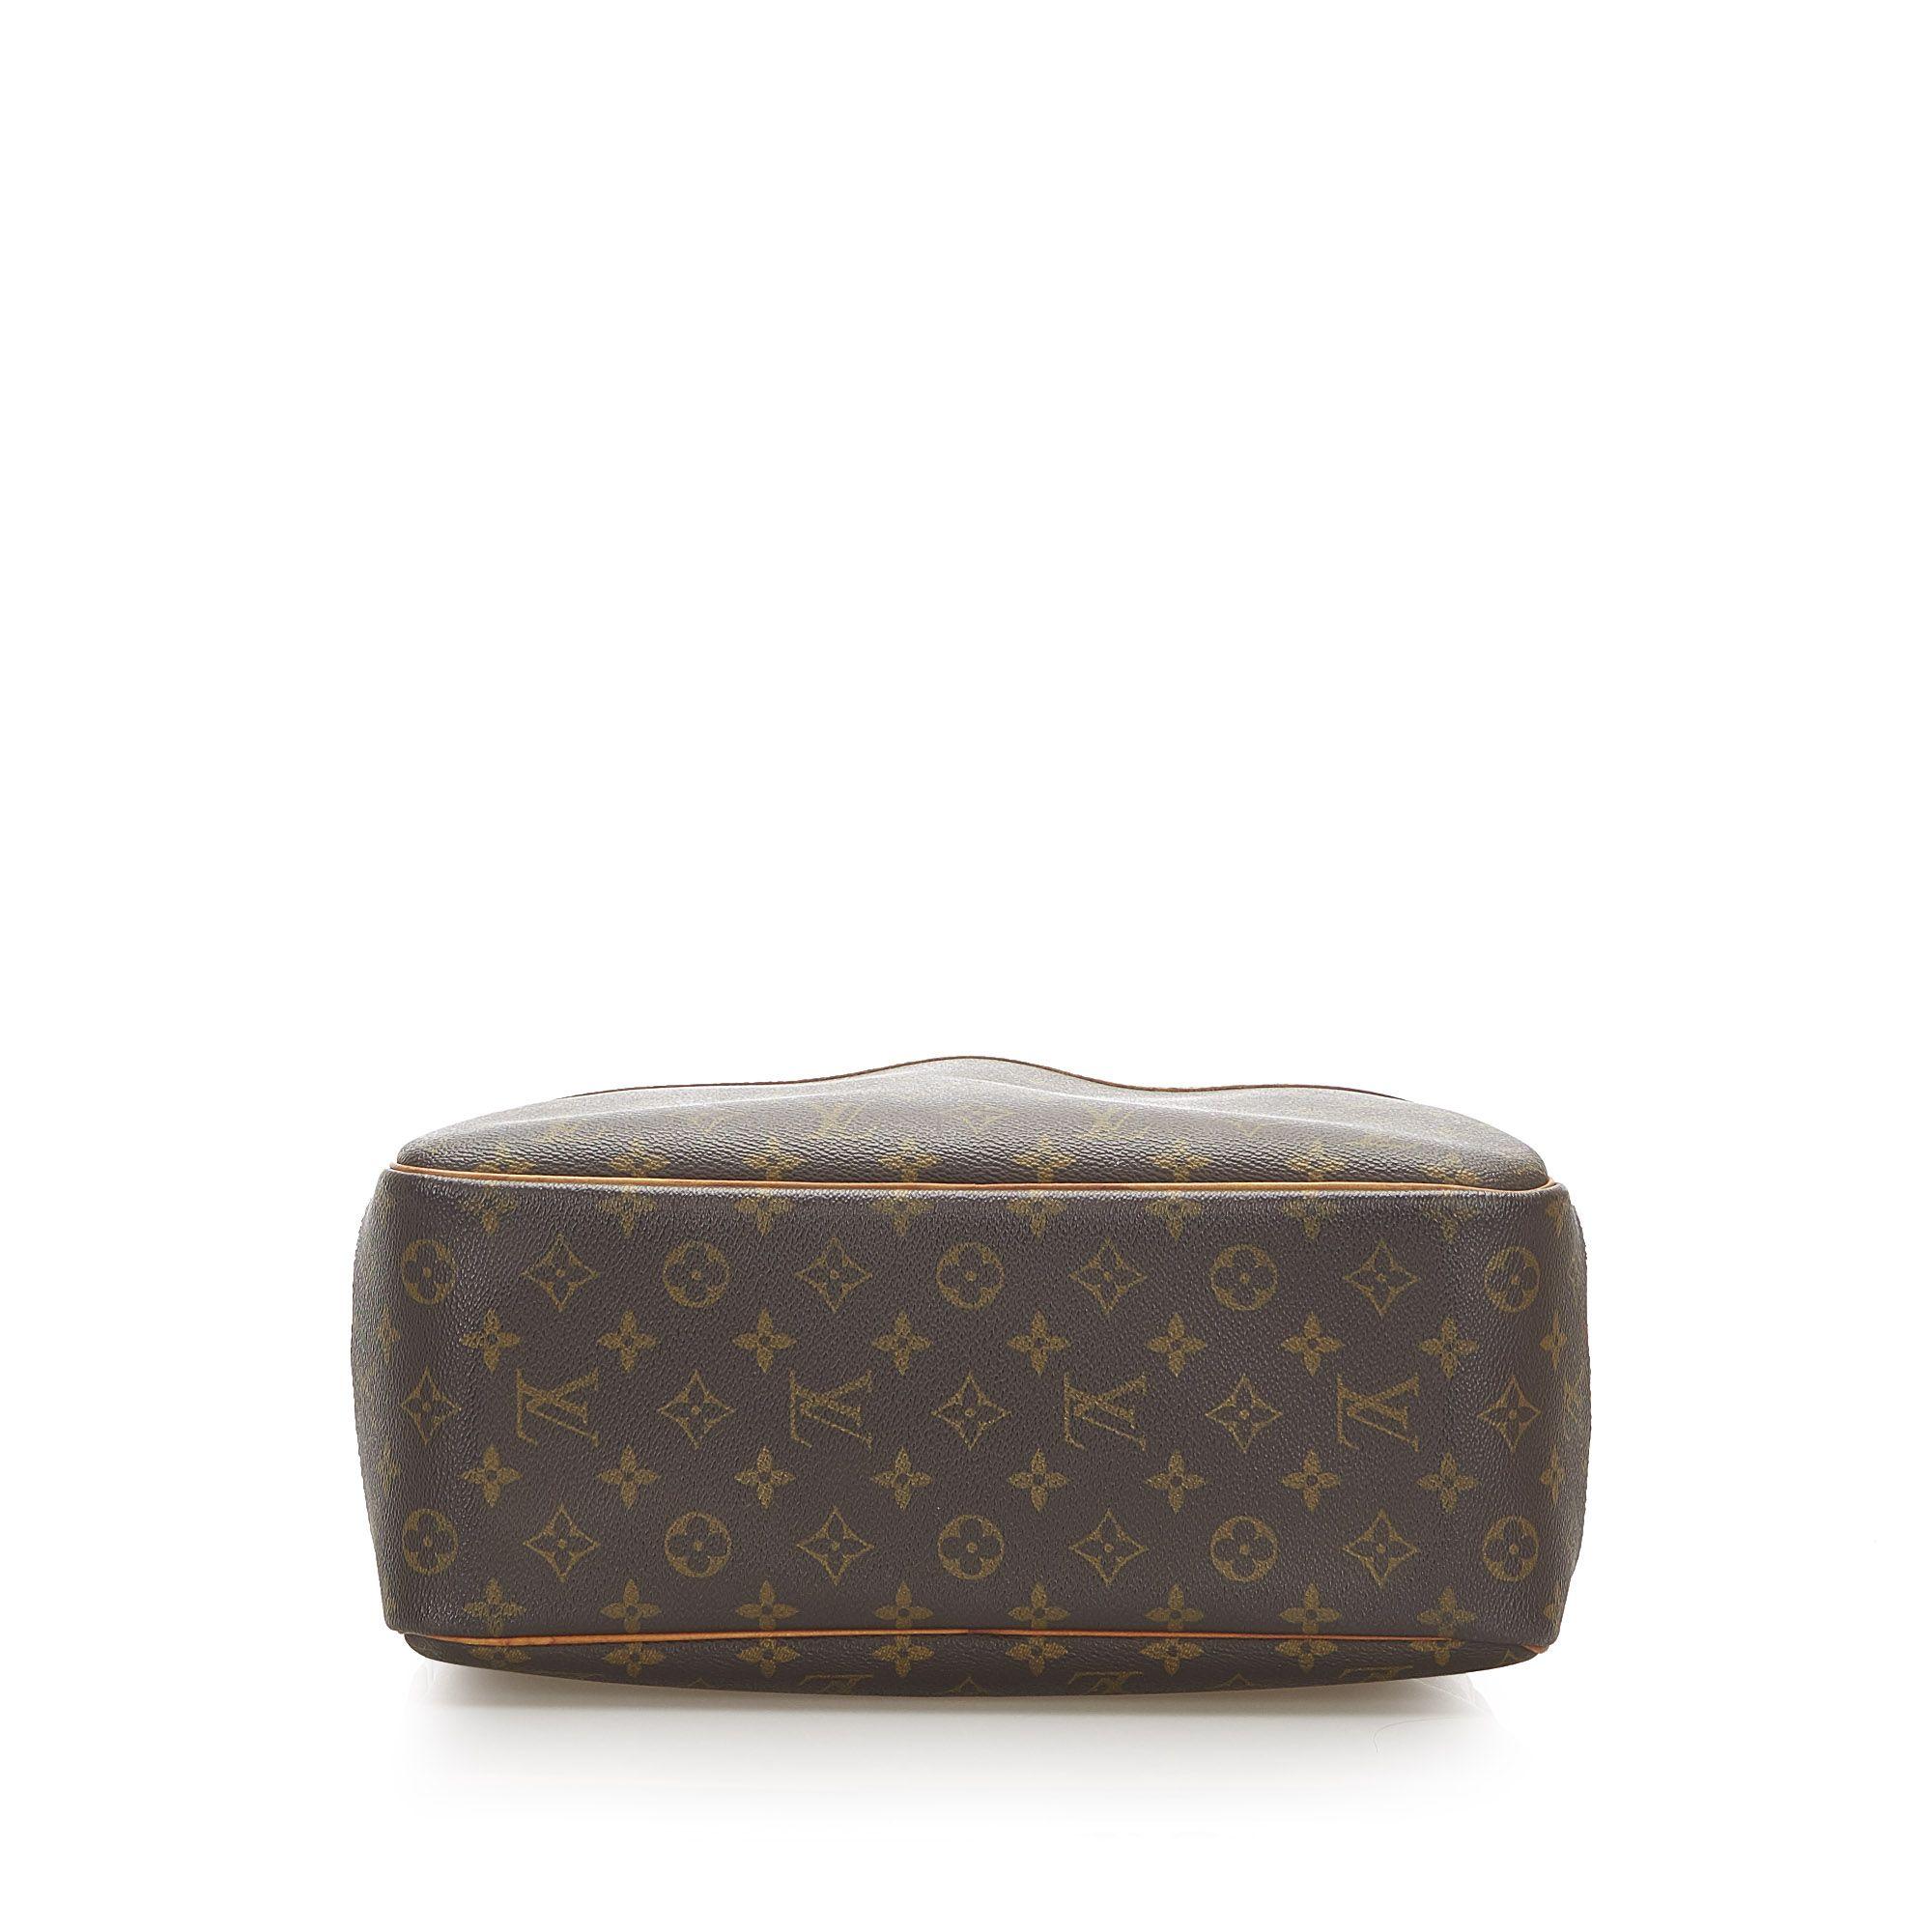 Vintage Louis Vuitton Monogram Deauville Brown